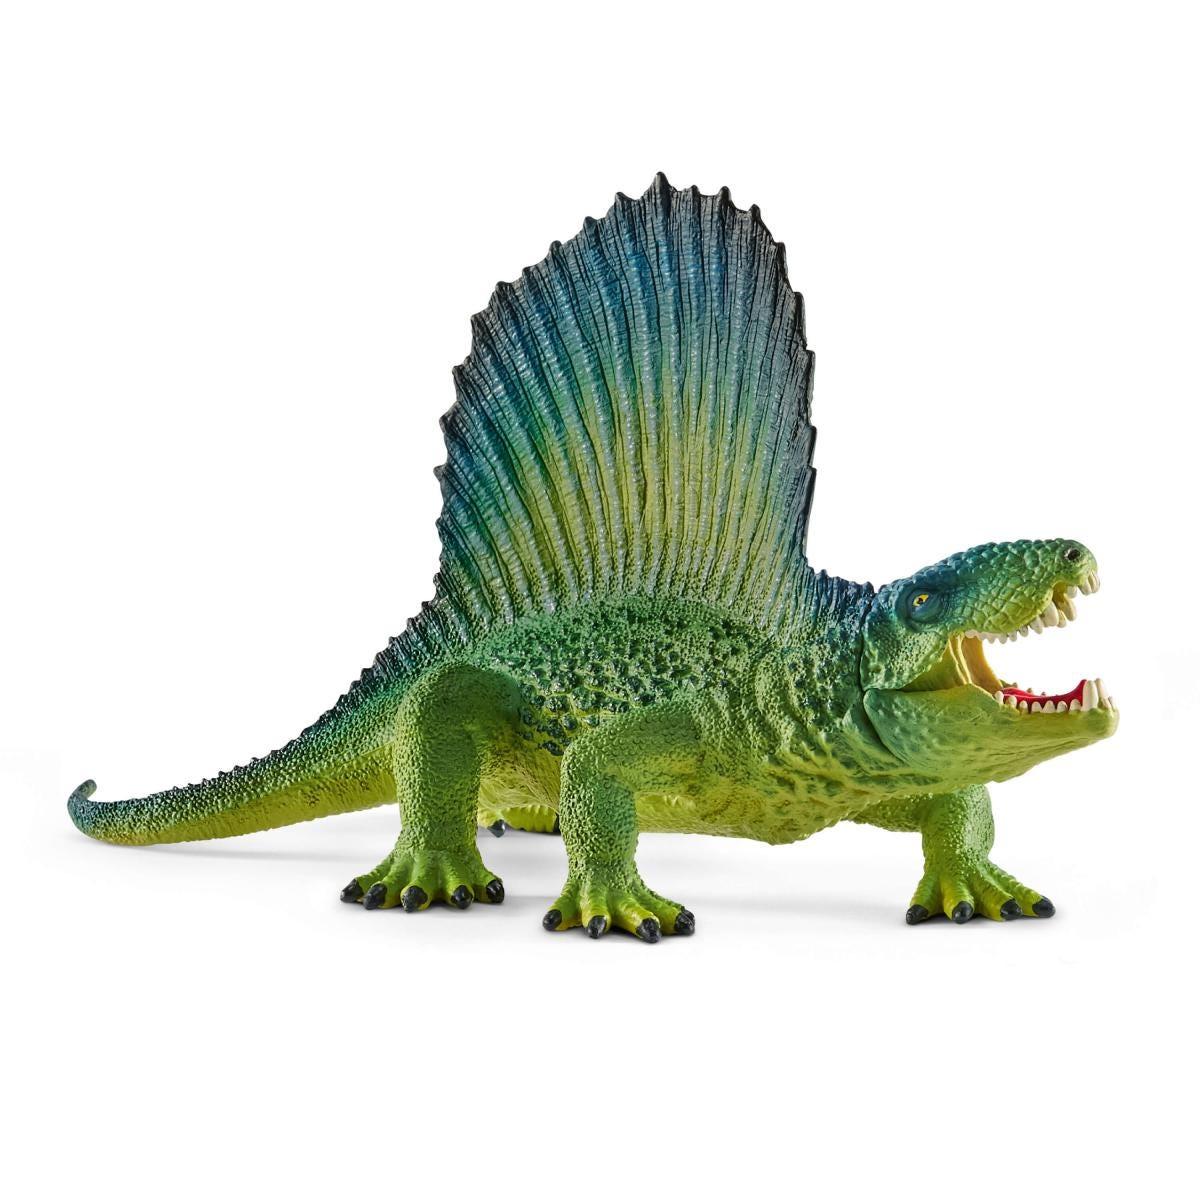 Dinosaurs SCHLEICH 15011 Dimetrodon